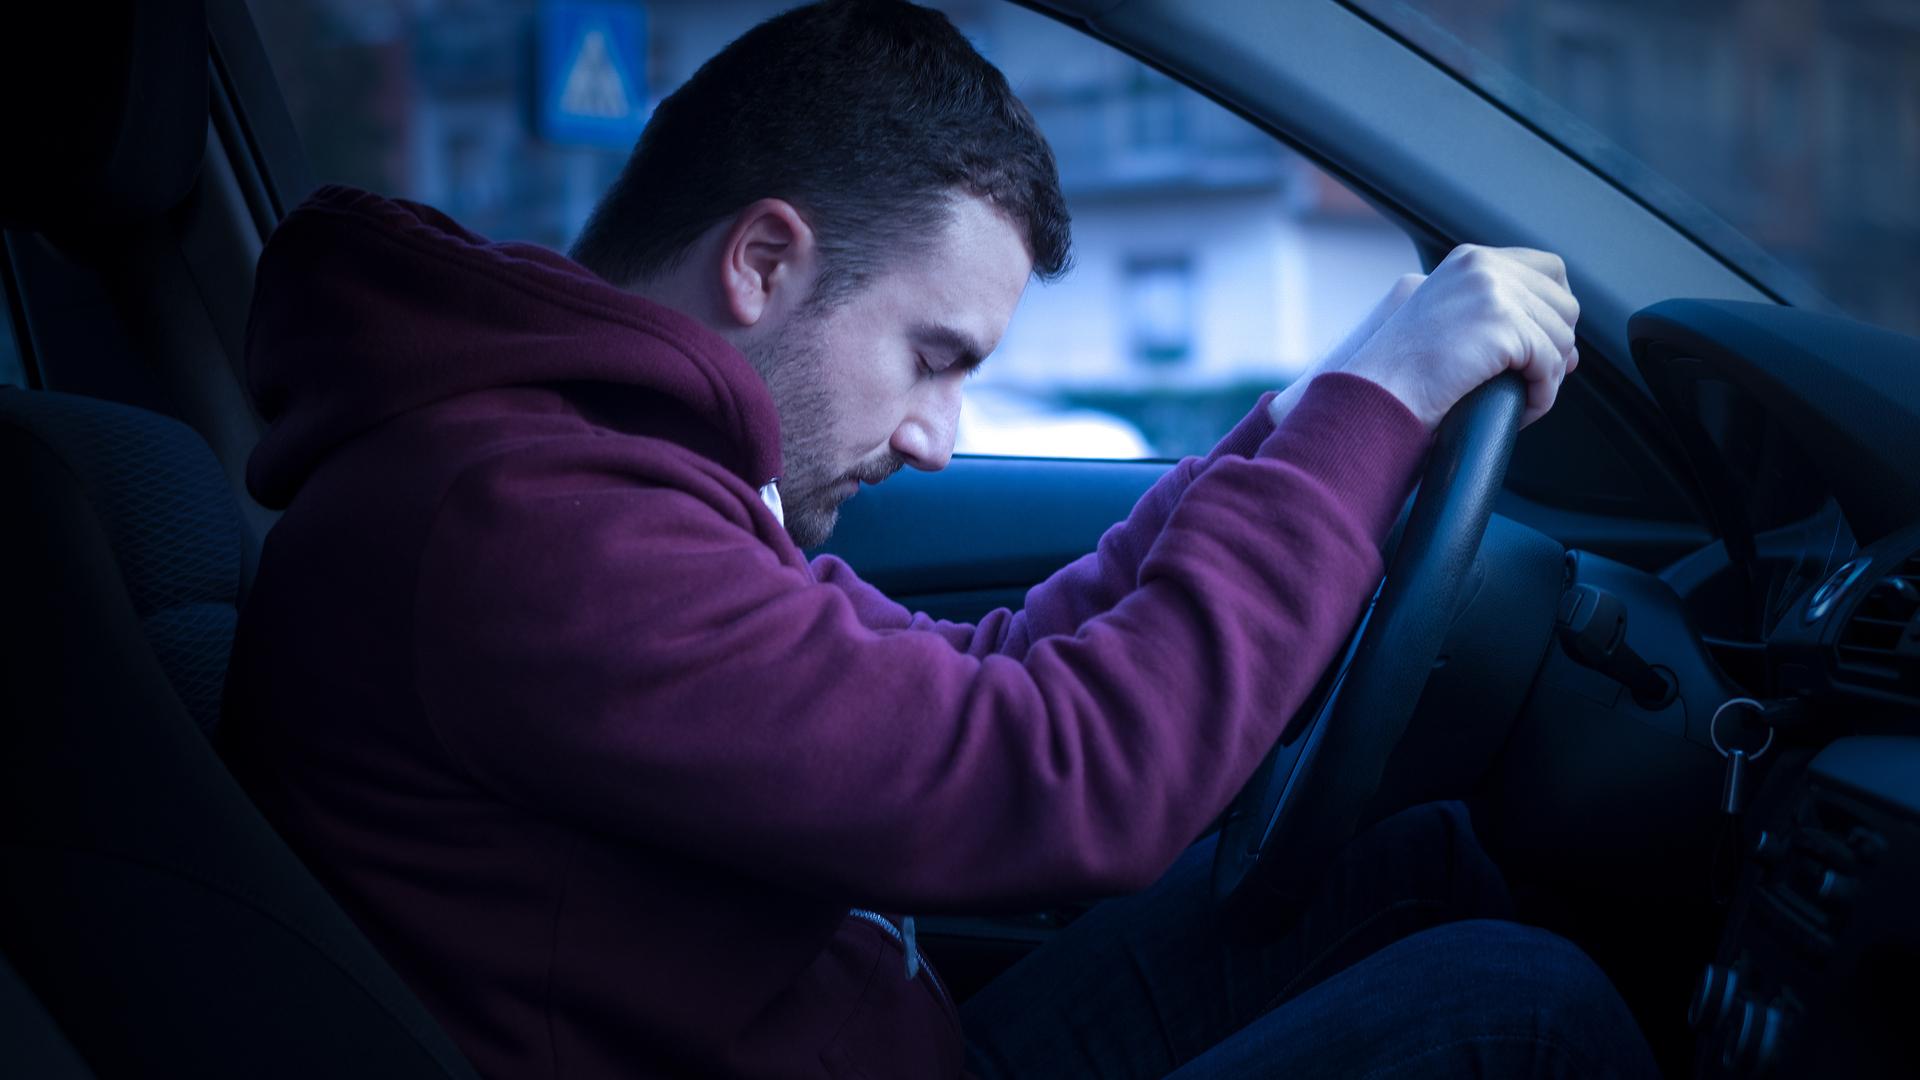 Dormir ao volante é uma das maiores causas de acidentes nas estradas